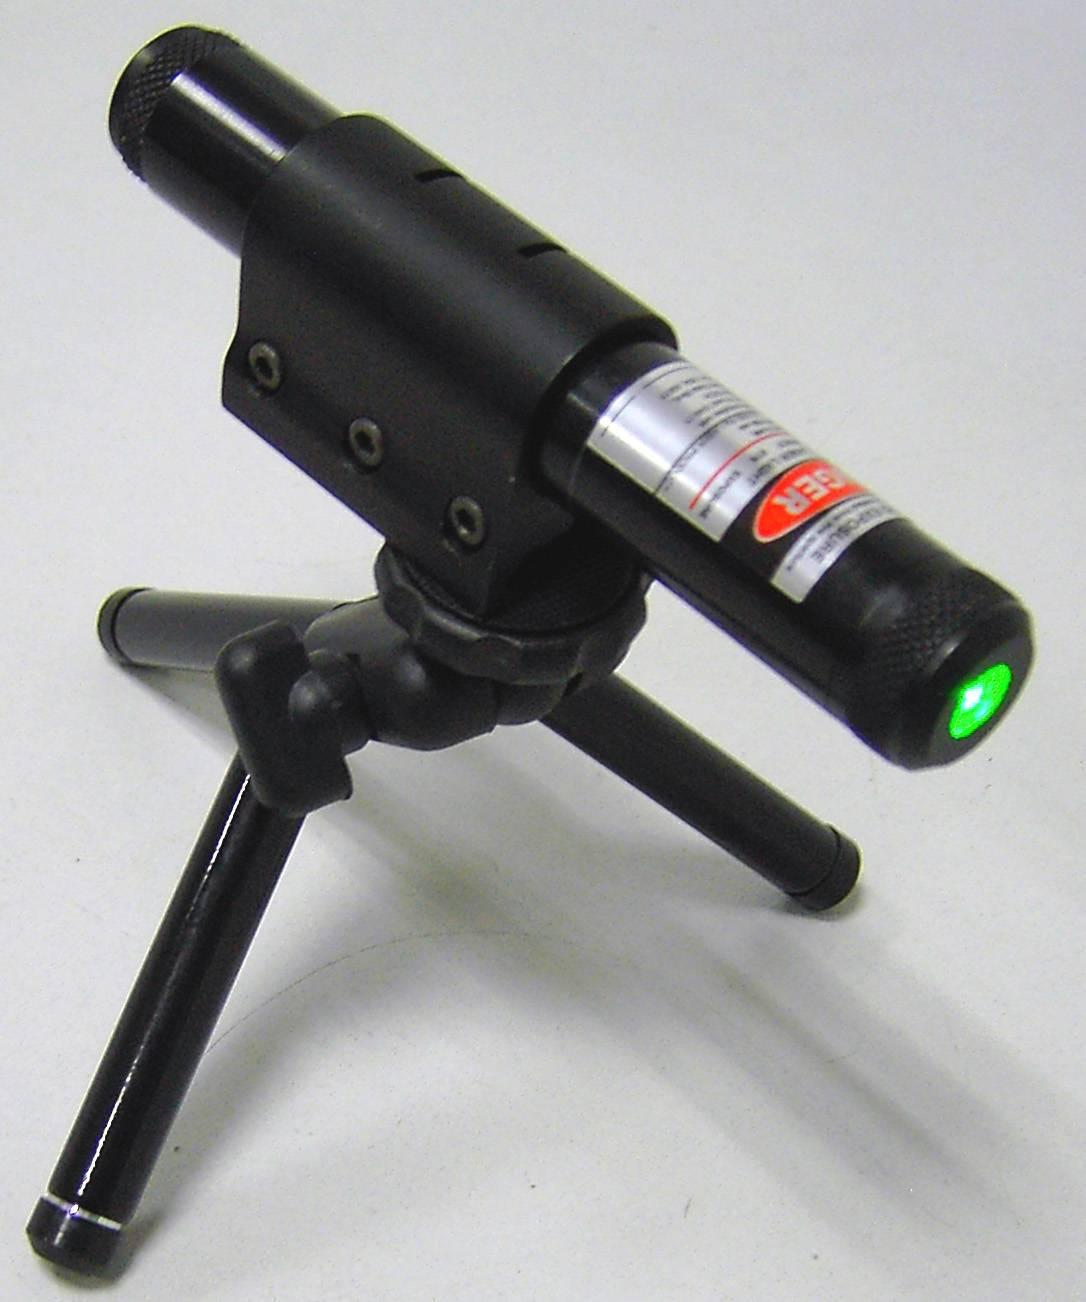 green beam laser pointer GLP-5